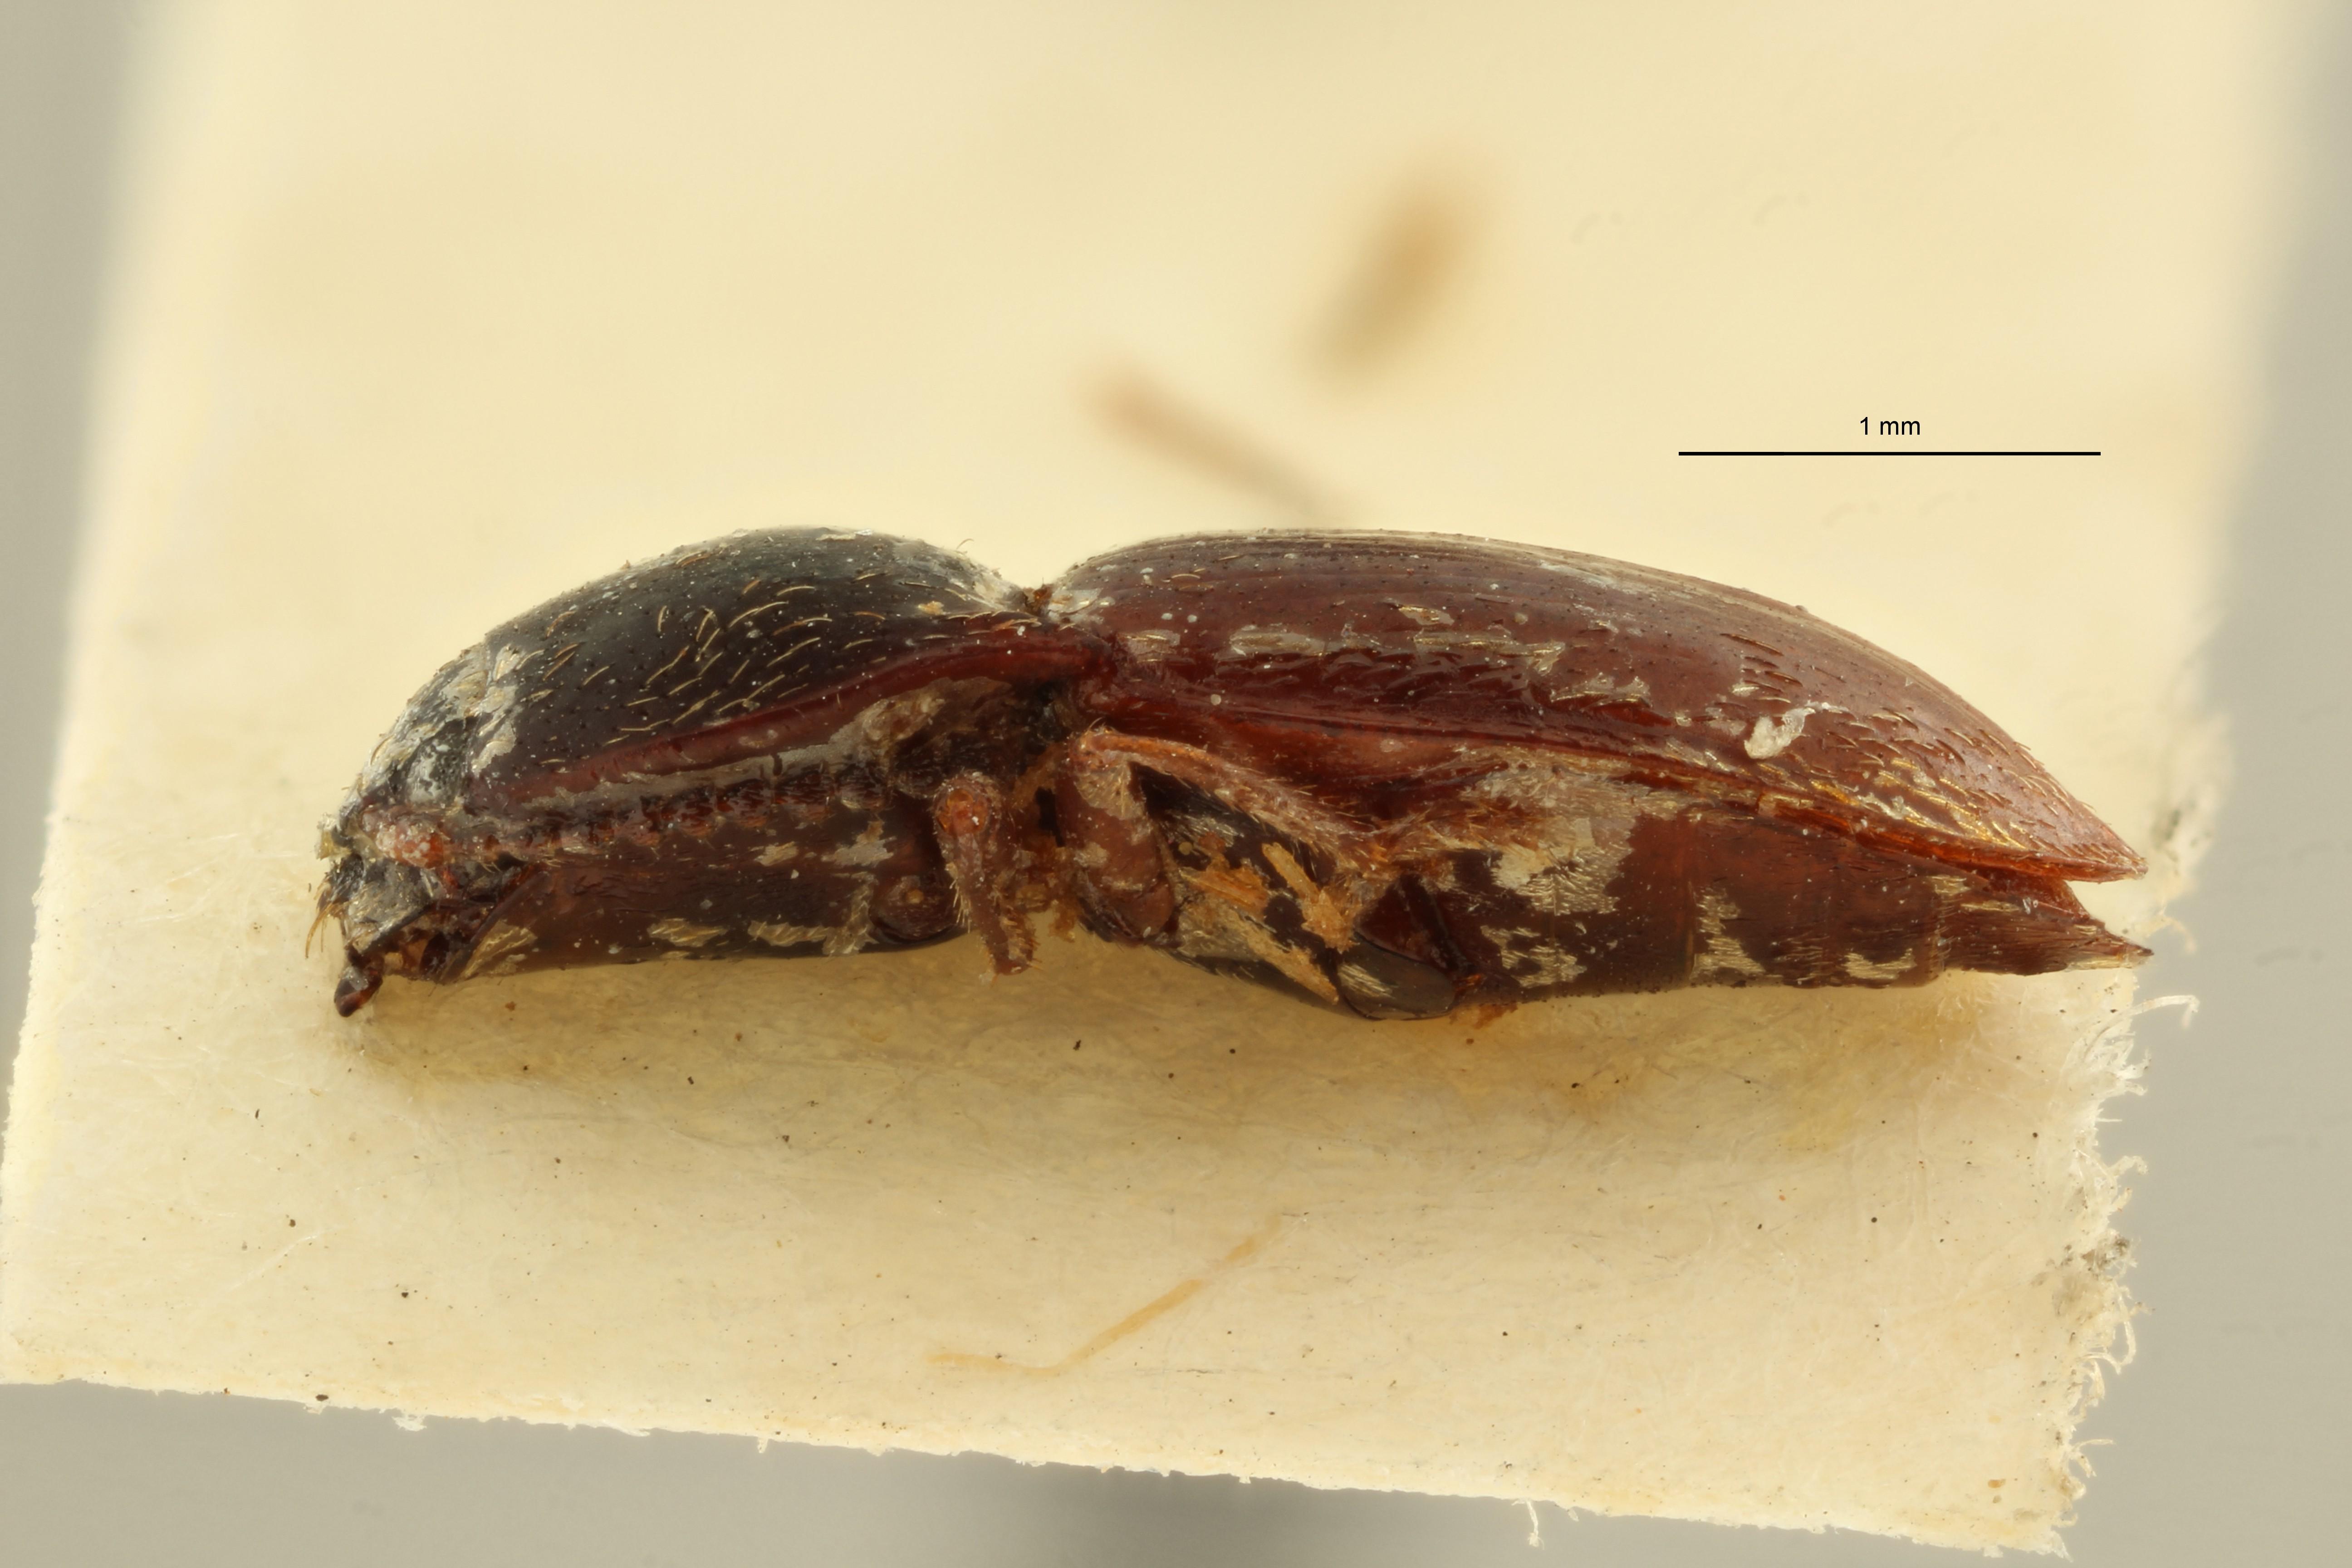 Hypnoidus himalayensis ht L ZS PMax Scaled.jpeg